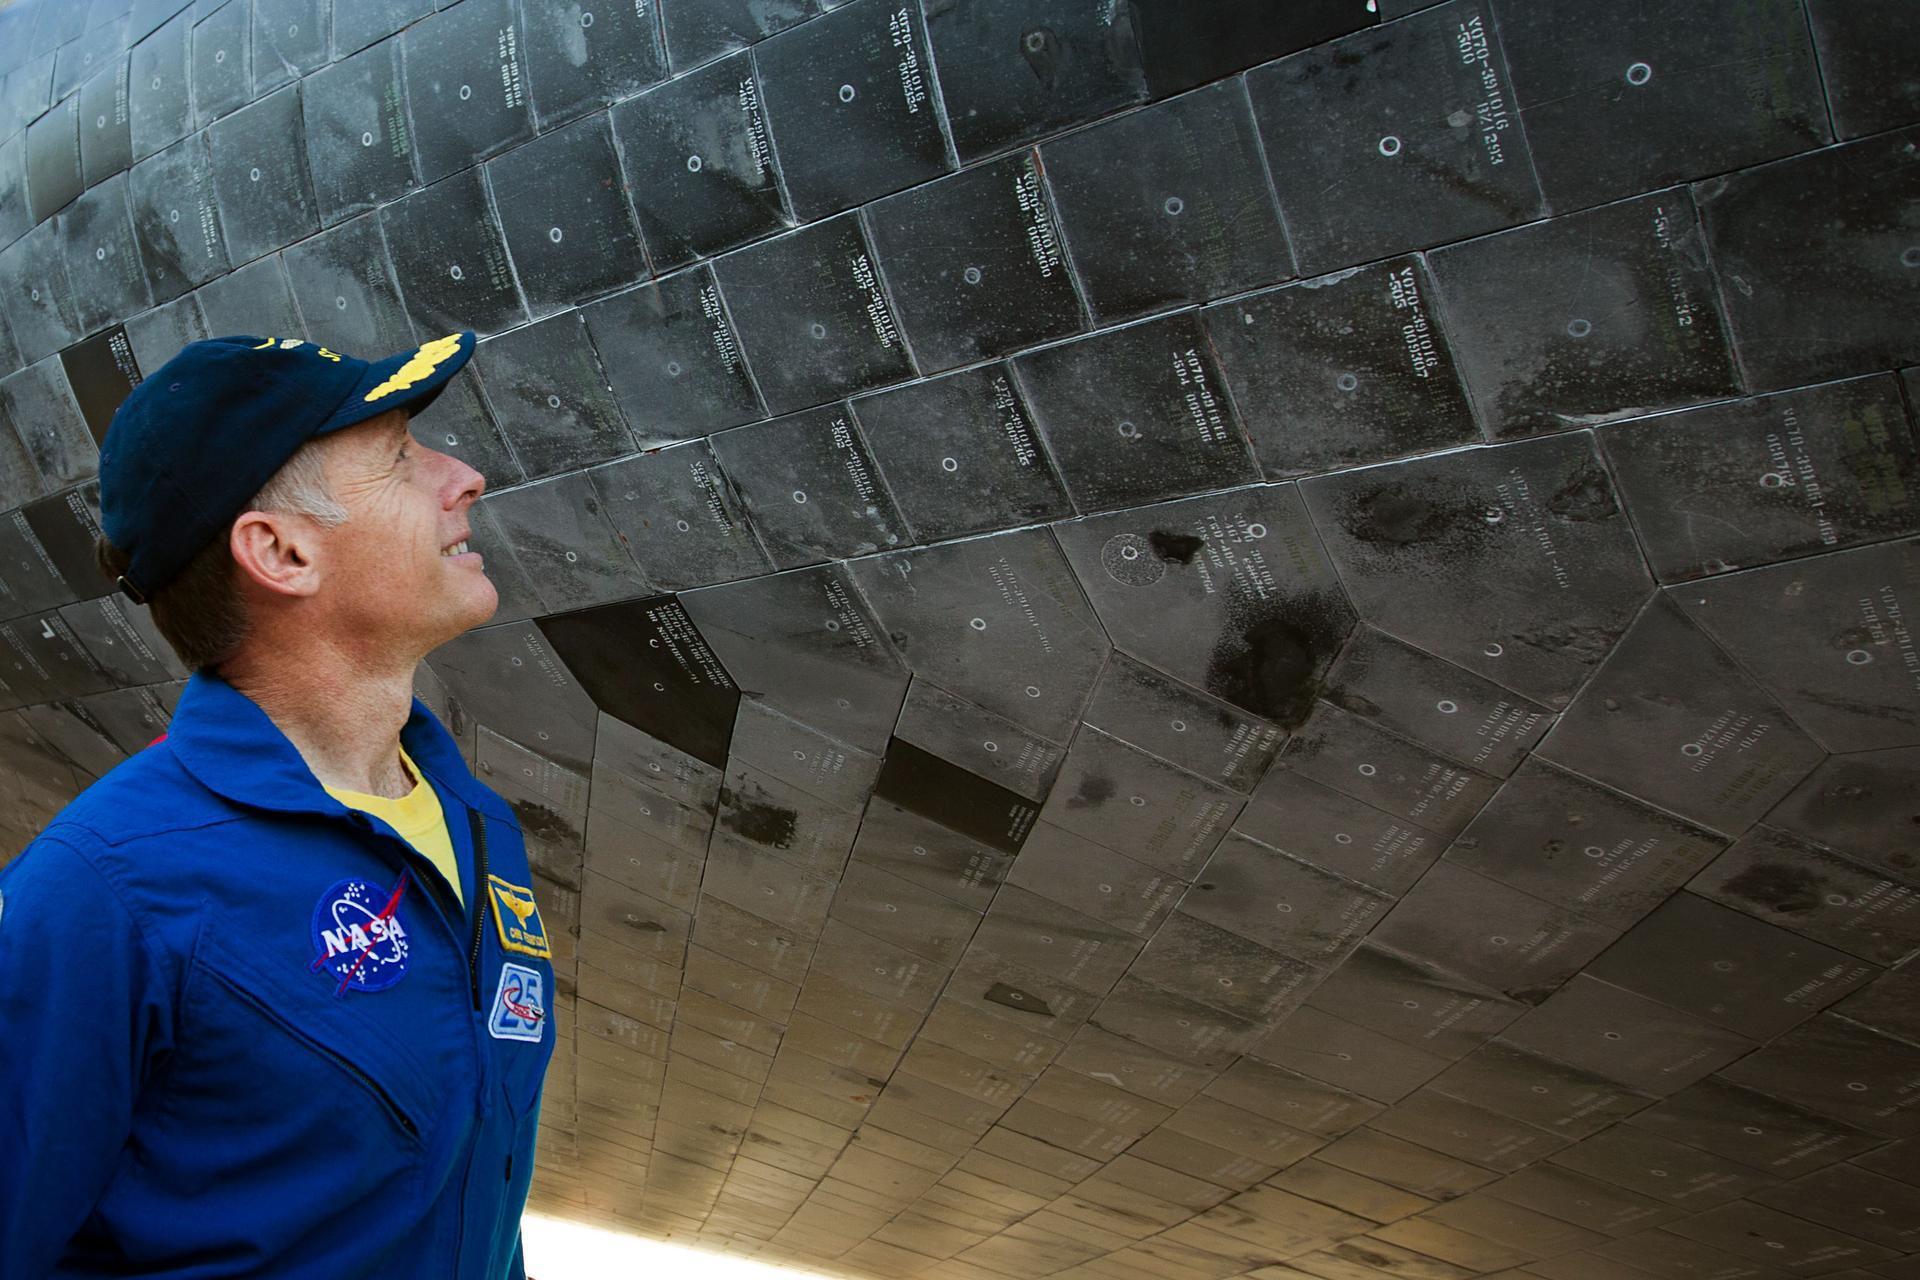 波音和SpaceX测试飞行时间表公布,谁将创造历史?